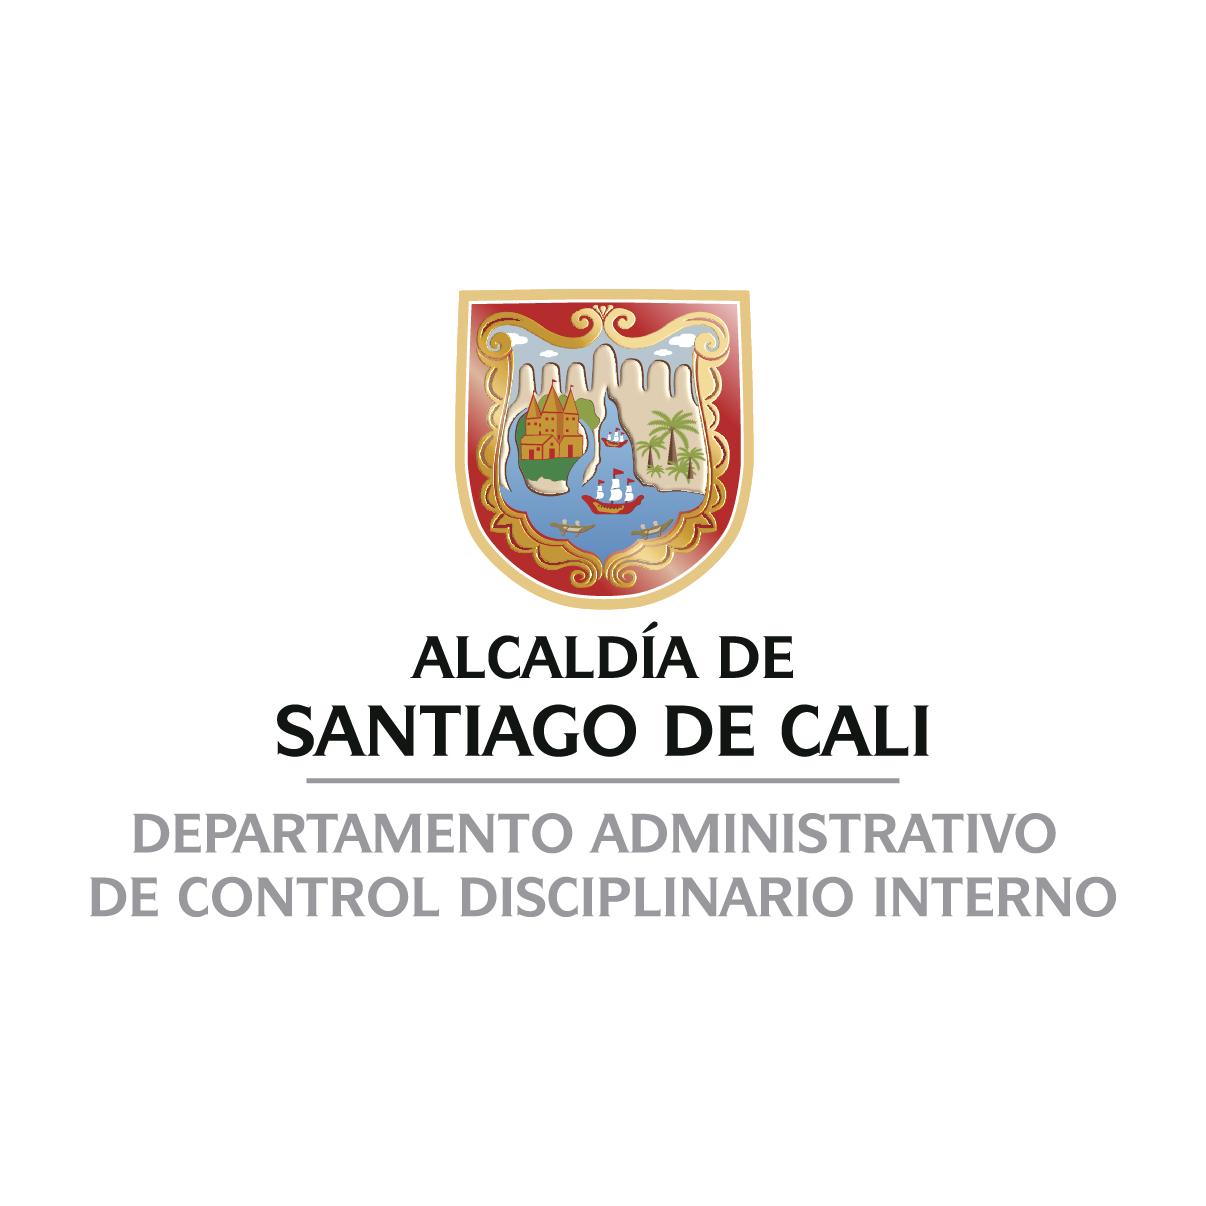 departamento-administrativo-de-control-disciplinario-interno